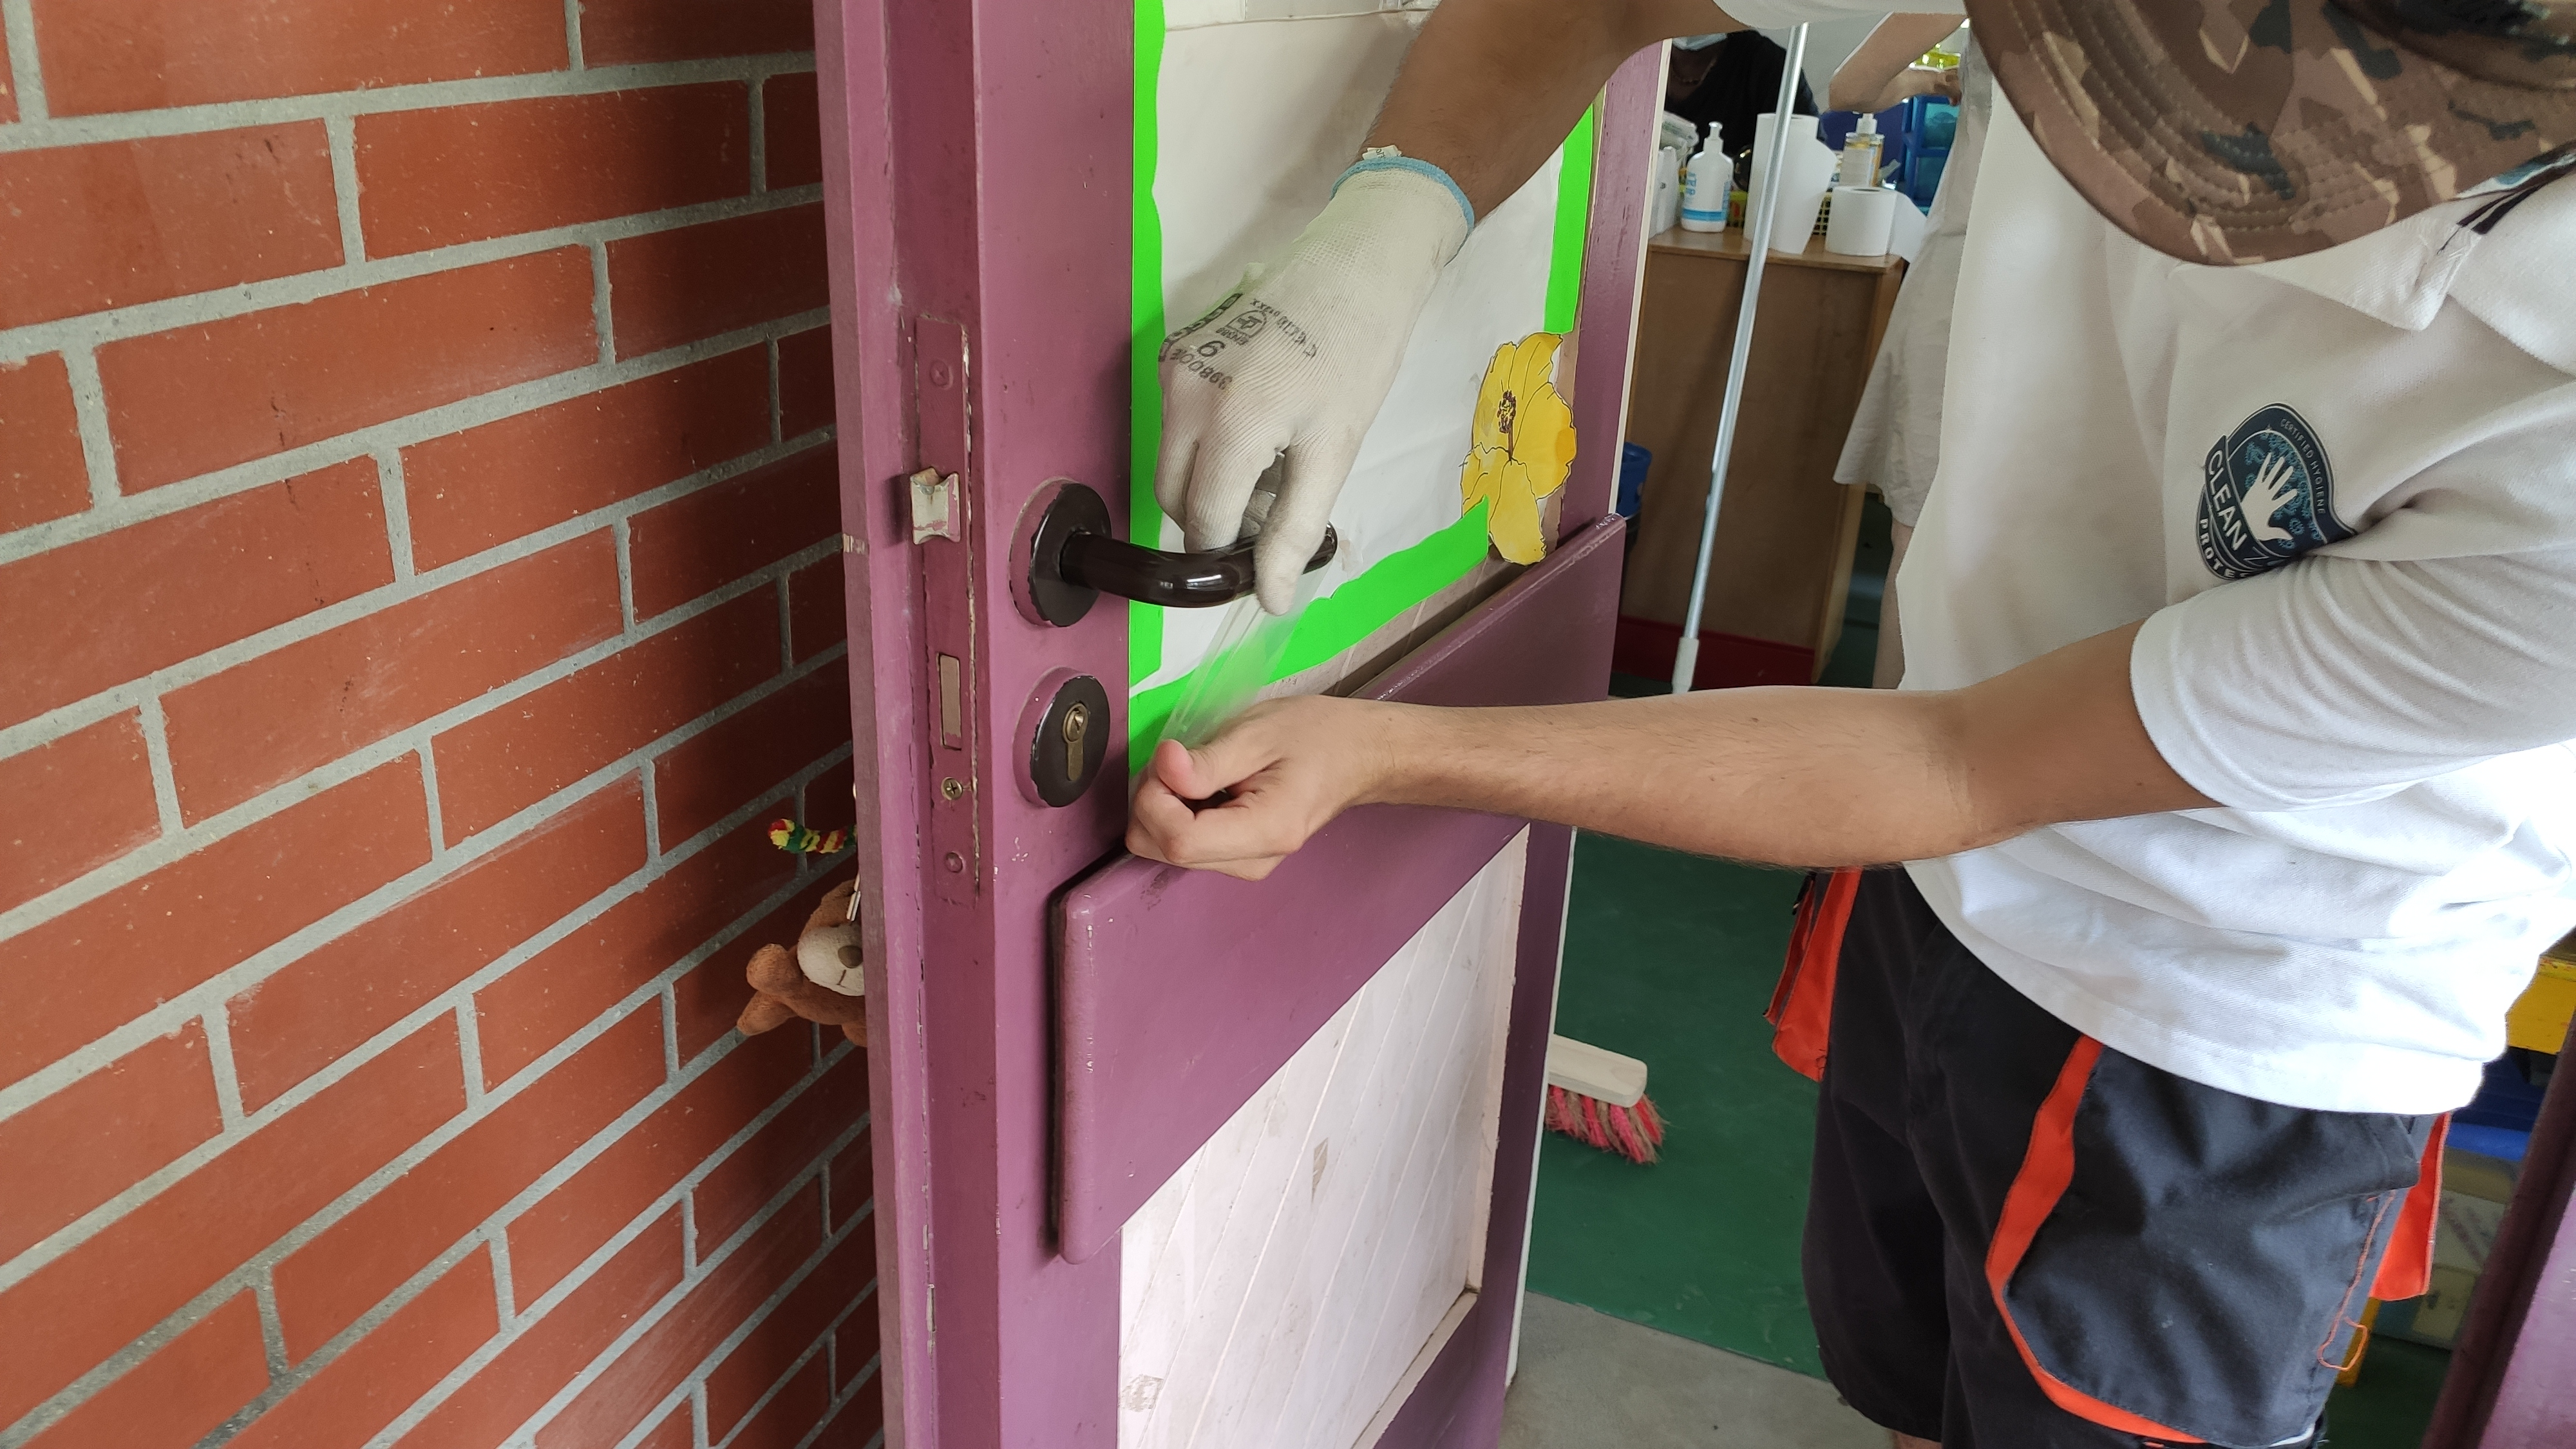 [#RentréeScolaire] nettoyage et désinfection des locaux, pose de signalétique et d'adhésifs anti-COVID....la commune prépare activement la rentrée dans les écoles primaires